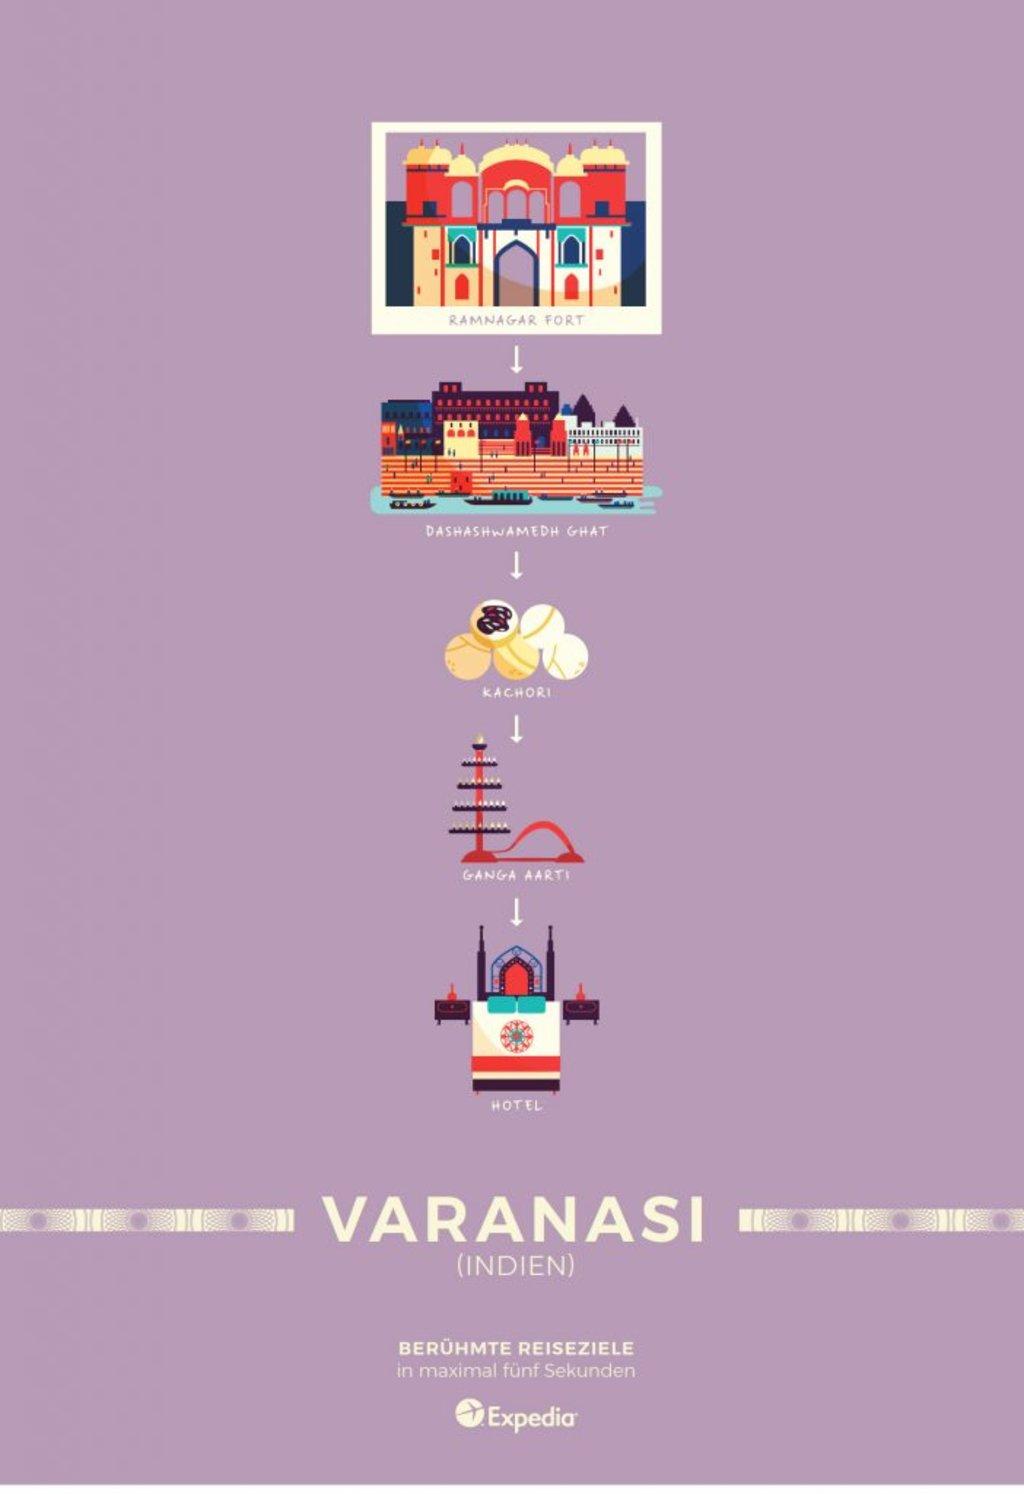 Reiseziele in 5 Sekunden: Varanasi